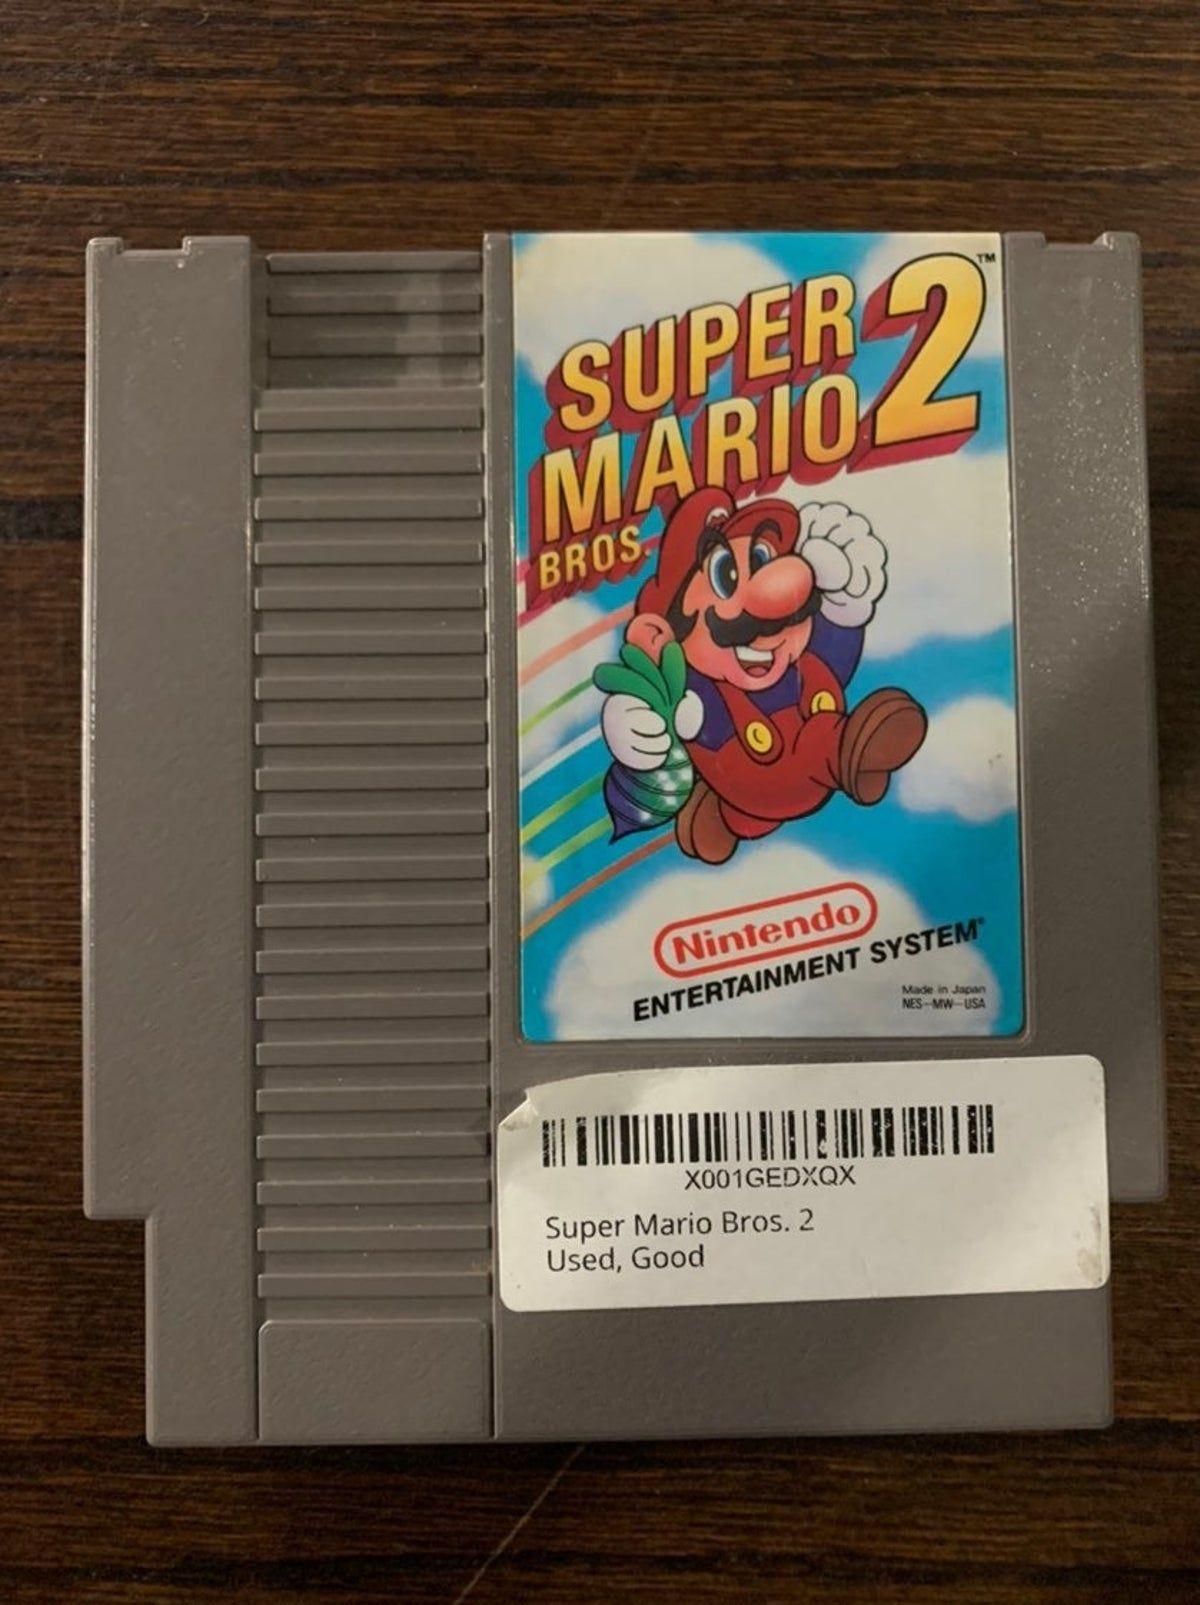 Super Mario Bros 2 Game In 2020 Super Mario Bros Mario Bros Nintendo Nes